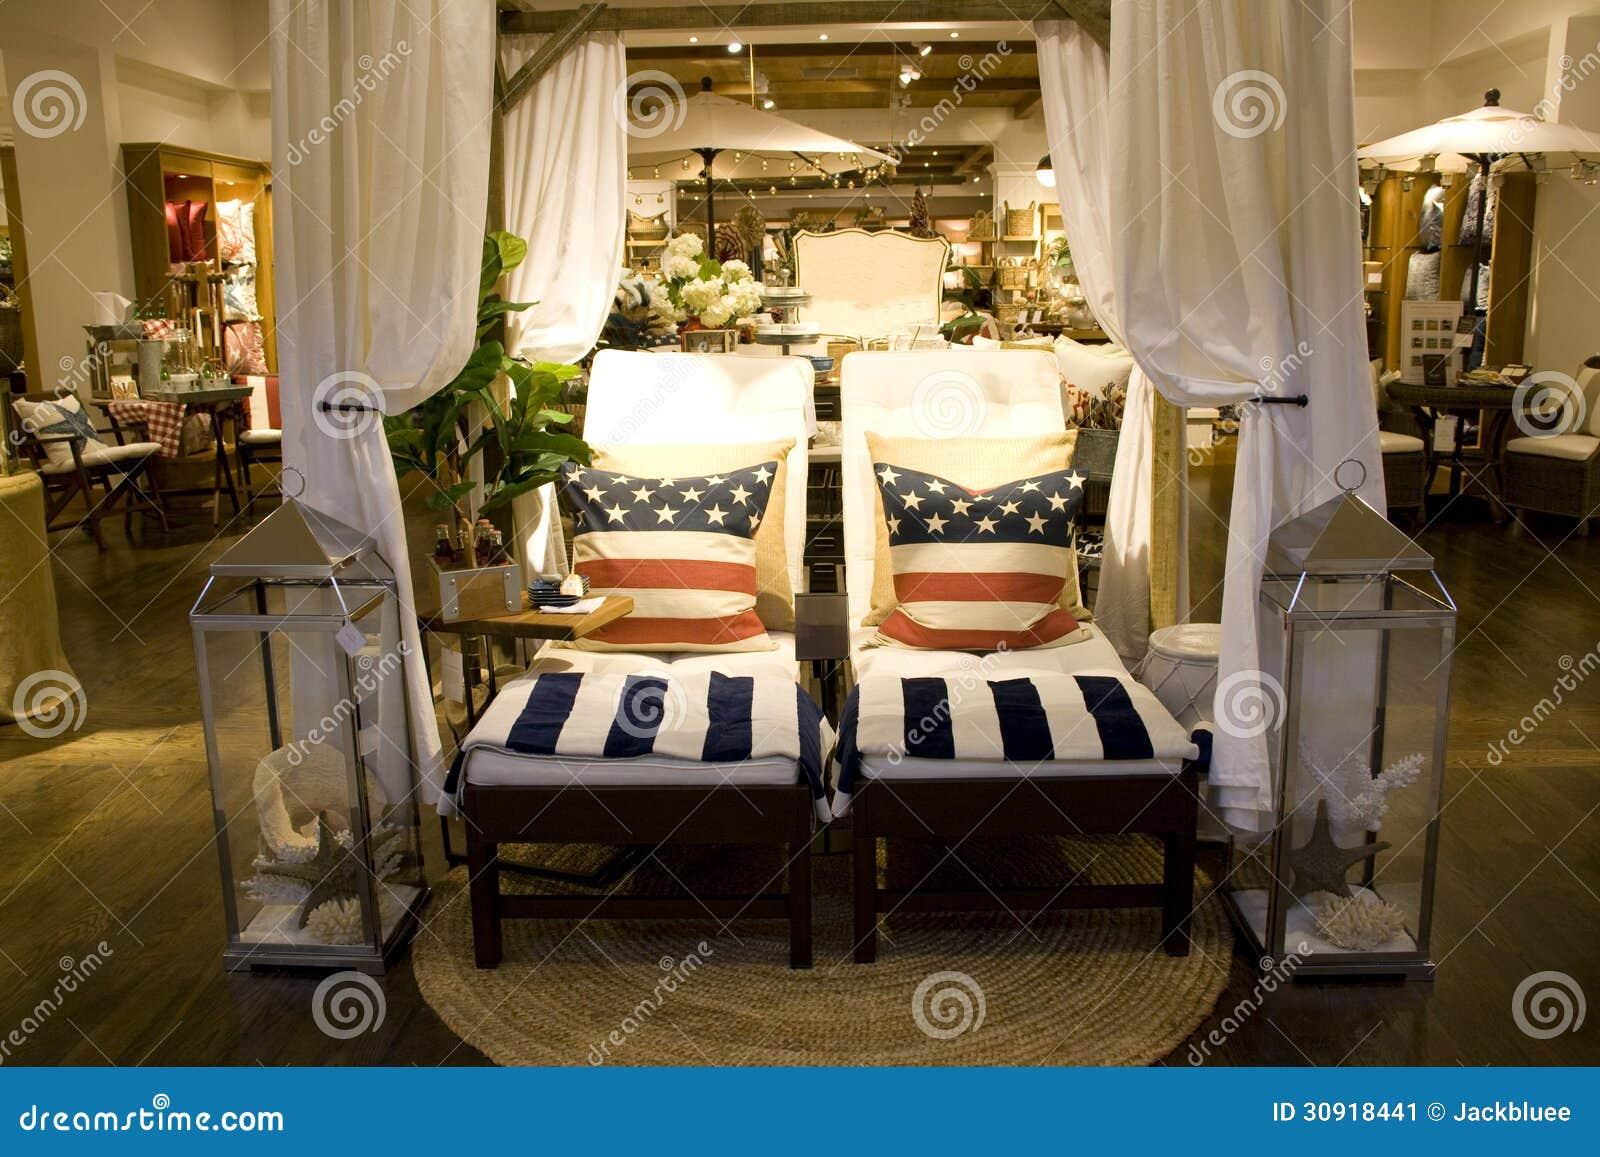 Tienda Muebles Y Decoracion ~ Idea Creativa Della Casa e Dell ...